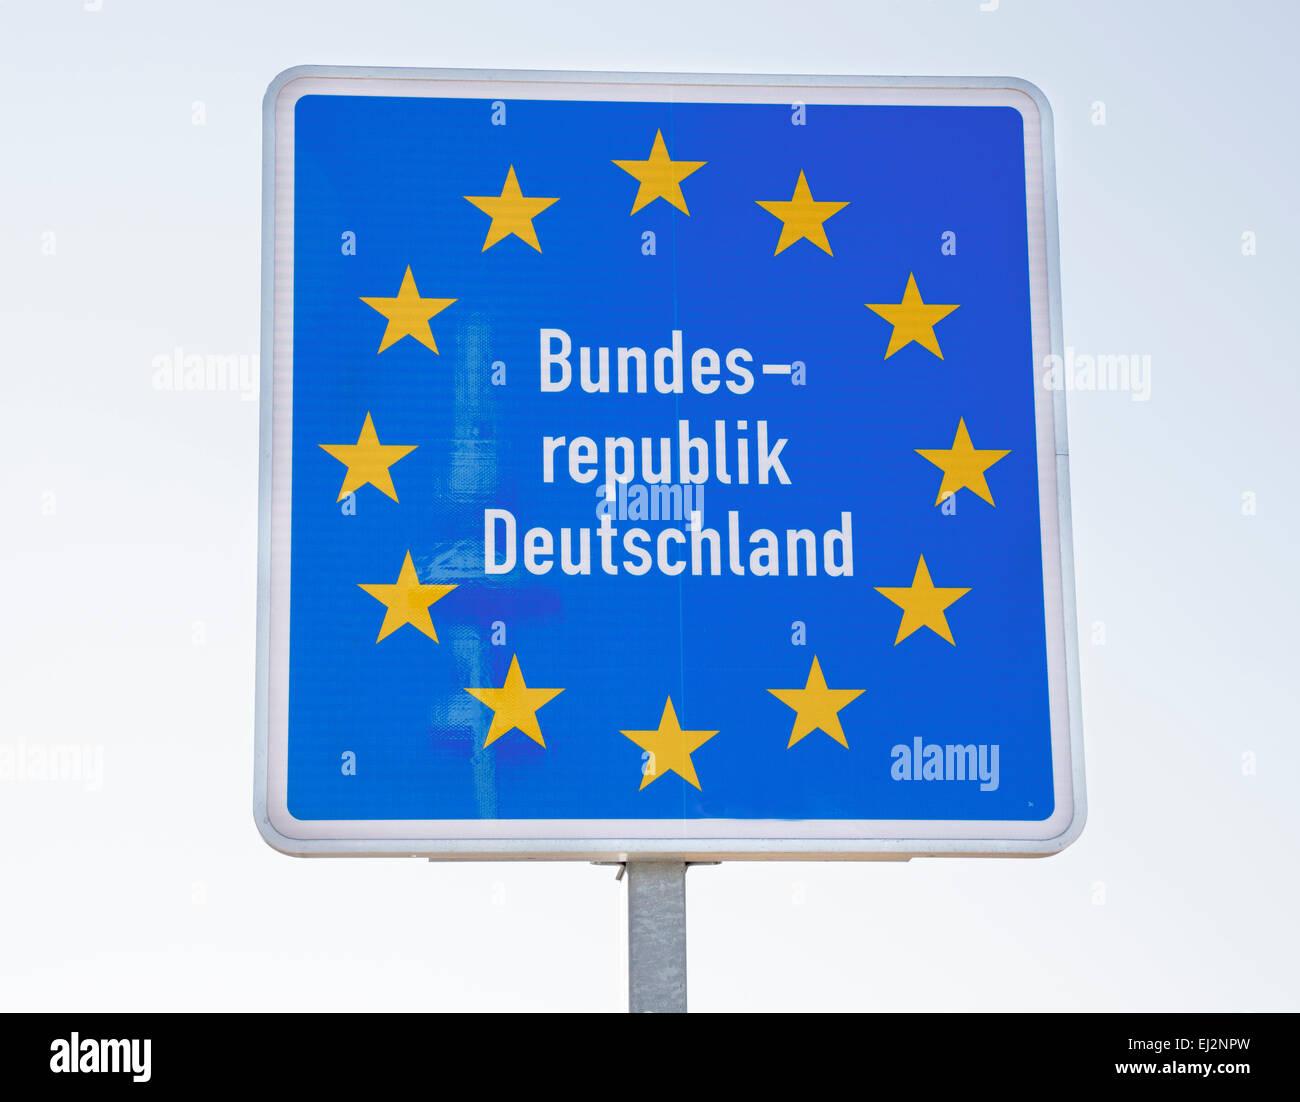 Bundes Republik Deutschland Zeichen, Frankfurt Oder, Deutschland Stockbild